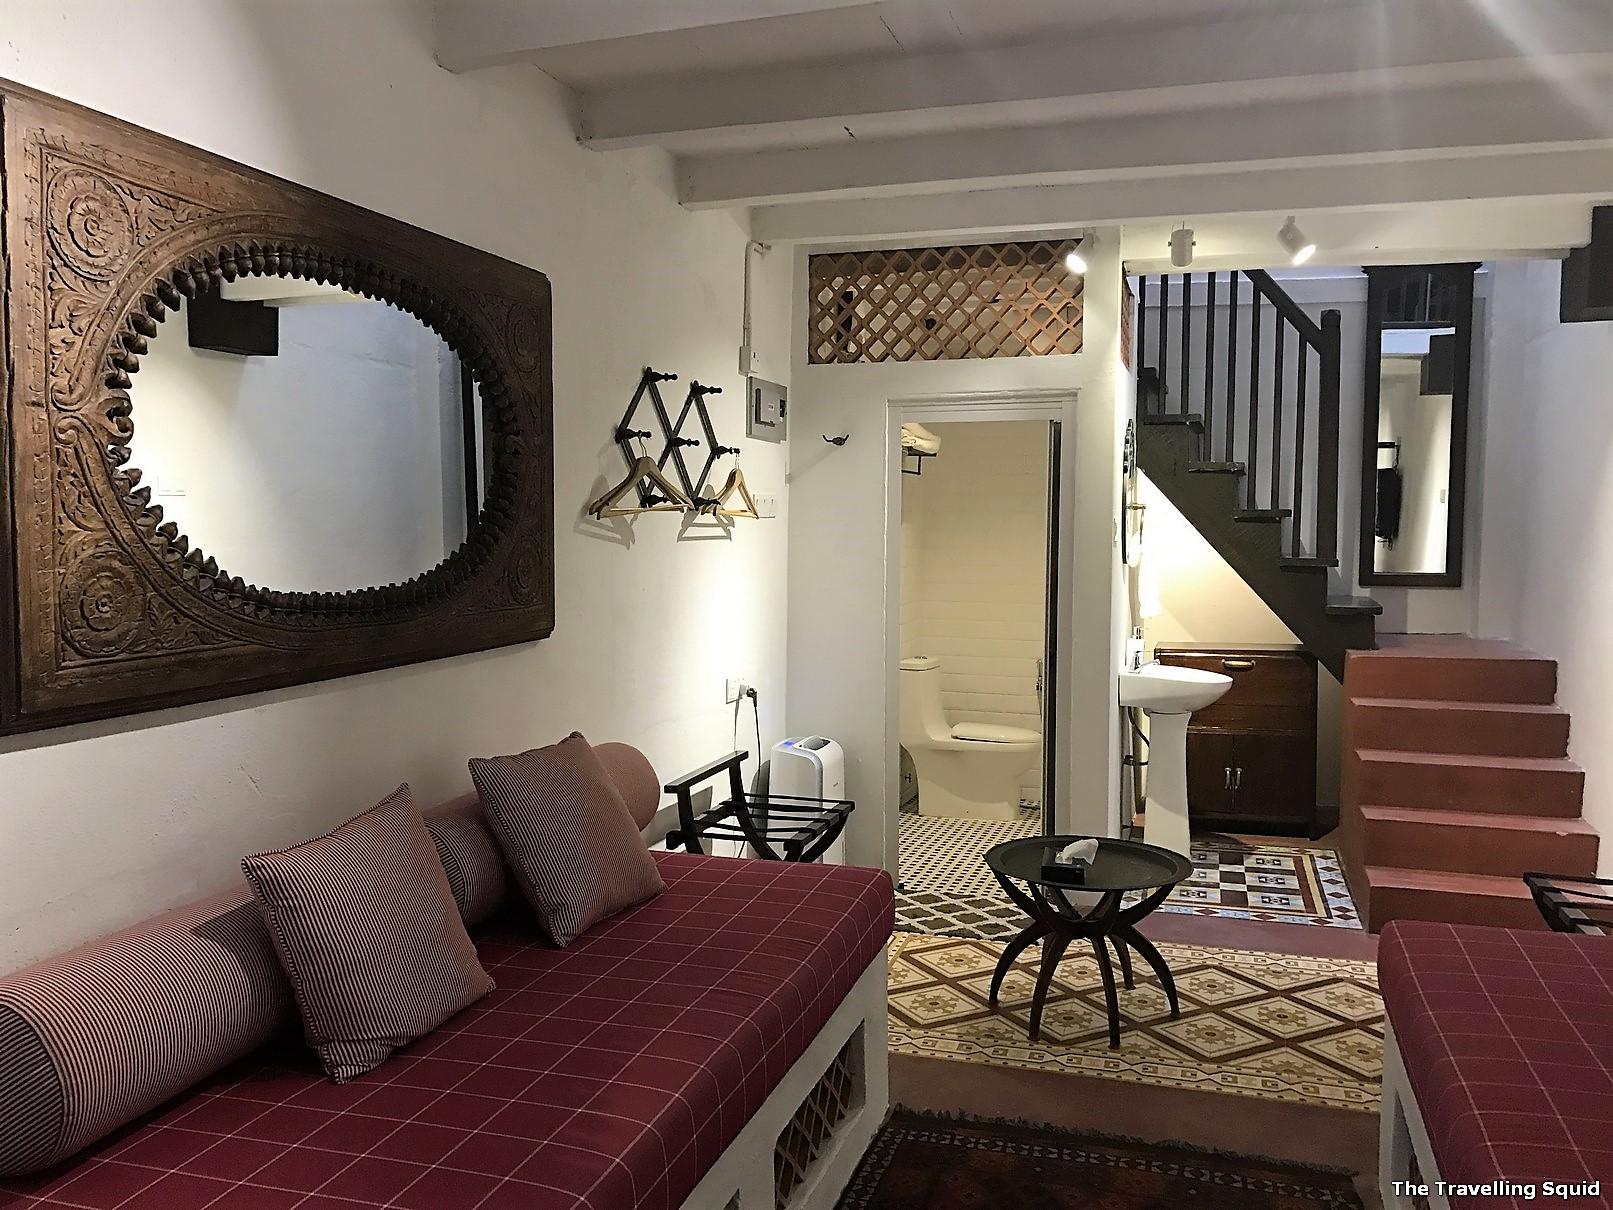 penang Jawi Peranakan Mansion accommodation